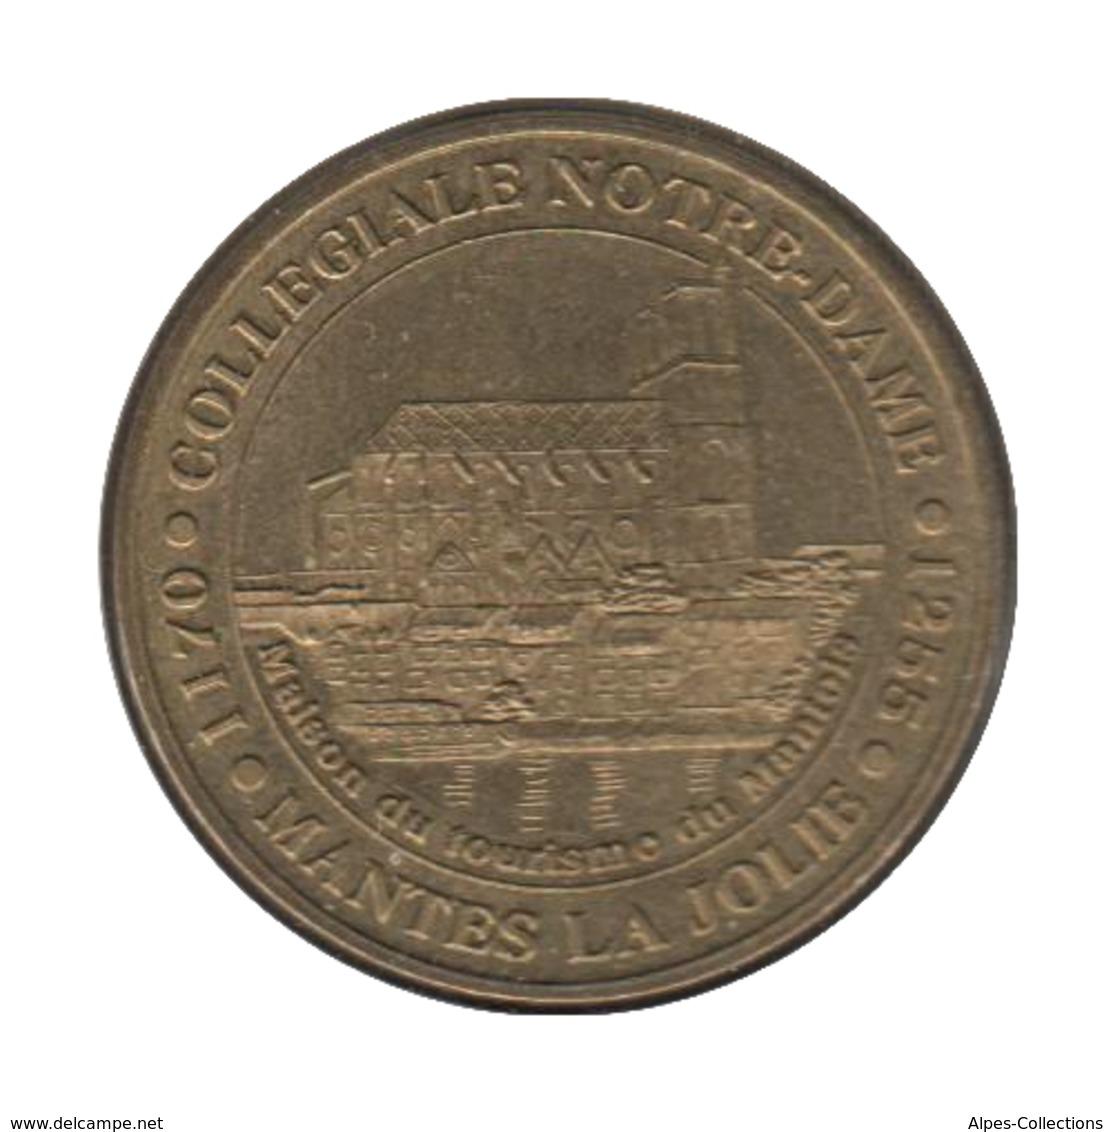 0270 - MEDAILLE TOURISTIQUE MONNAIE DE PARIS 78 - Collégiale Notre Dame - 2004 - Monnaie De Paris